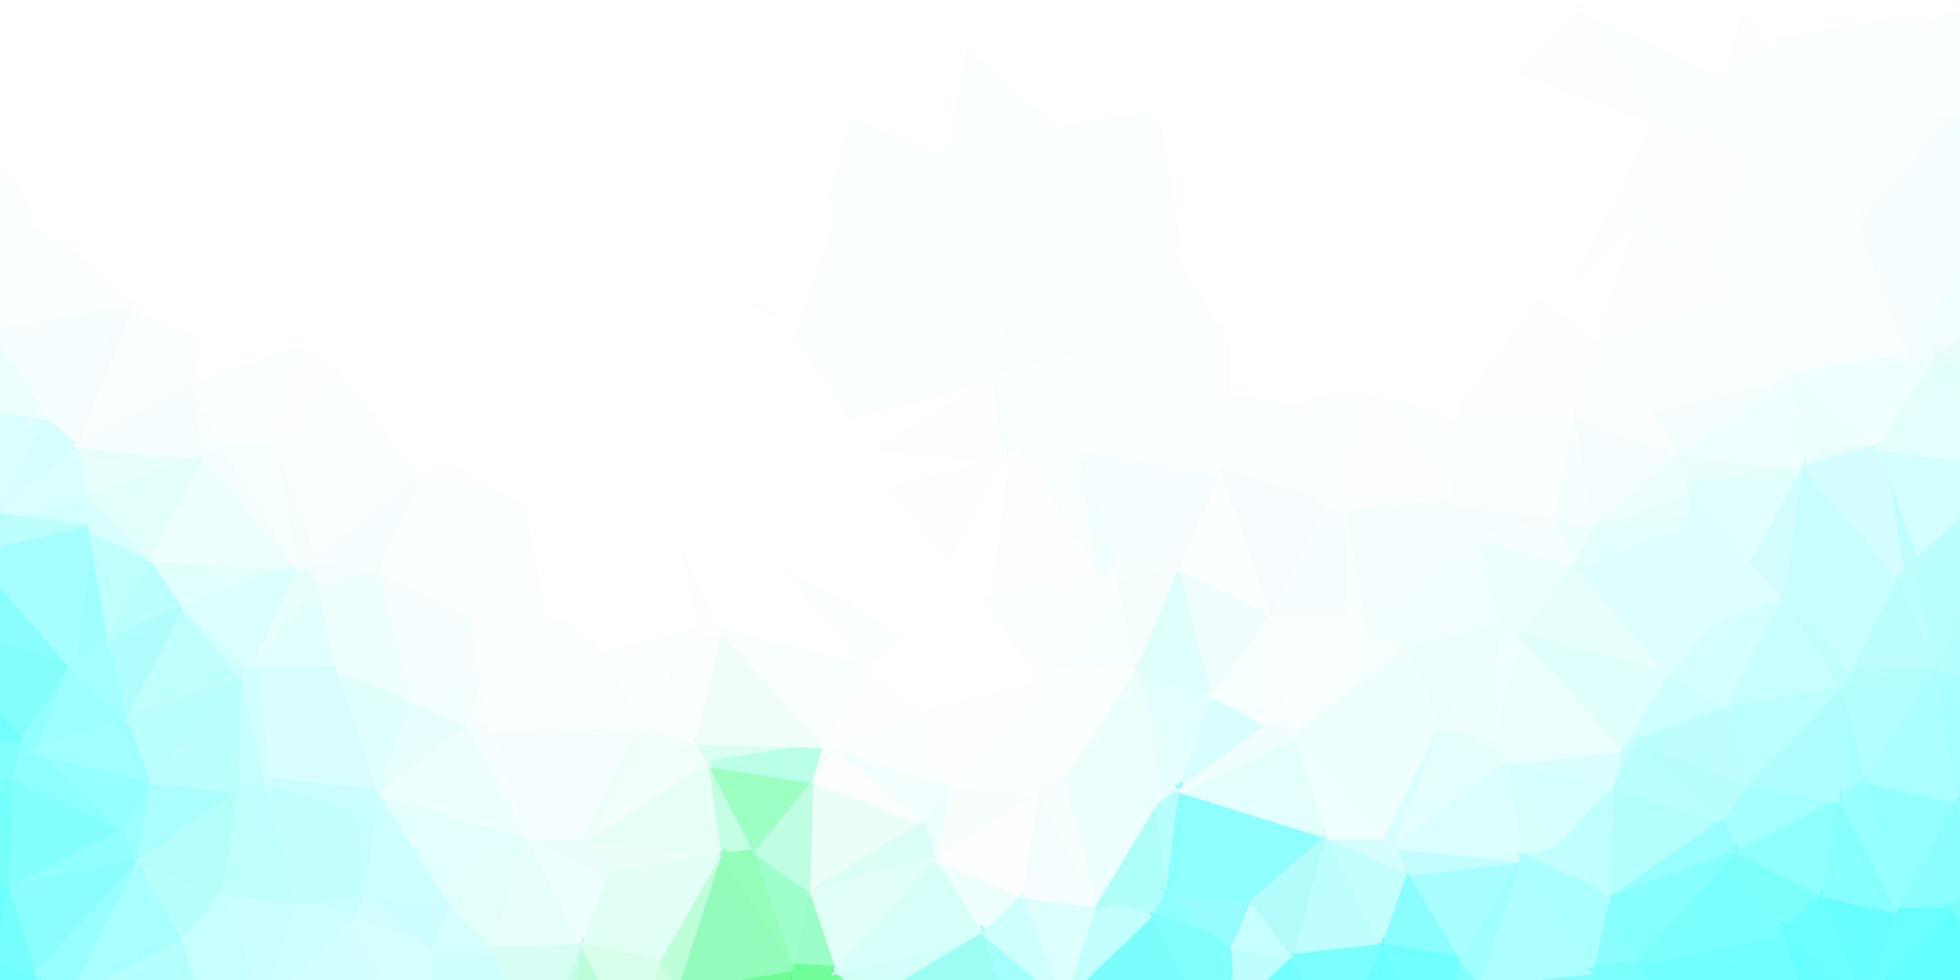 pano de fundo do triângulo abstrato do vetor azul claro, verde.